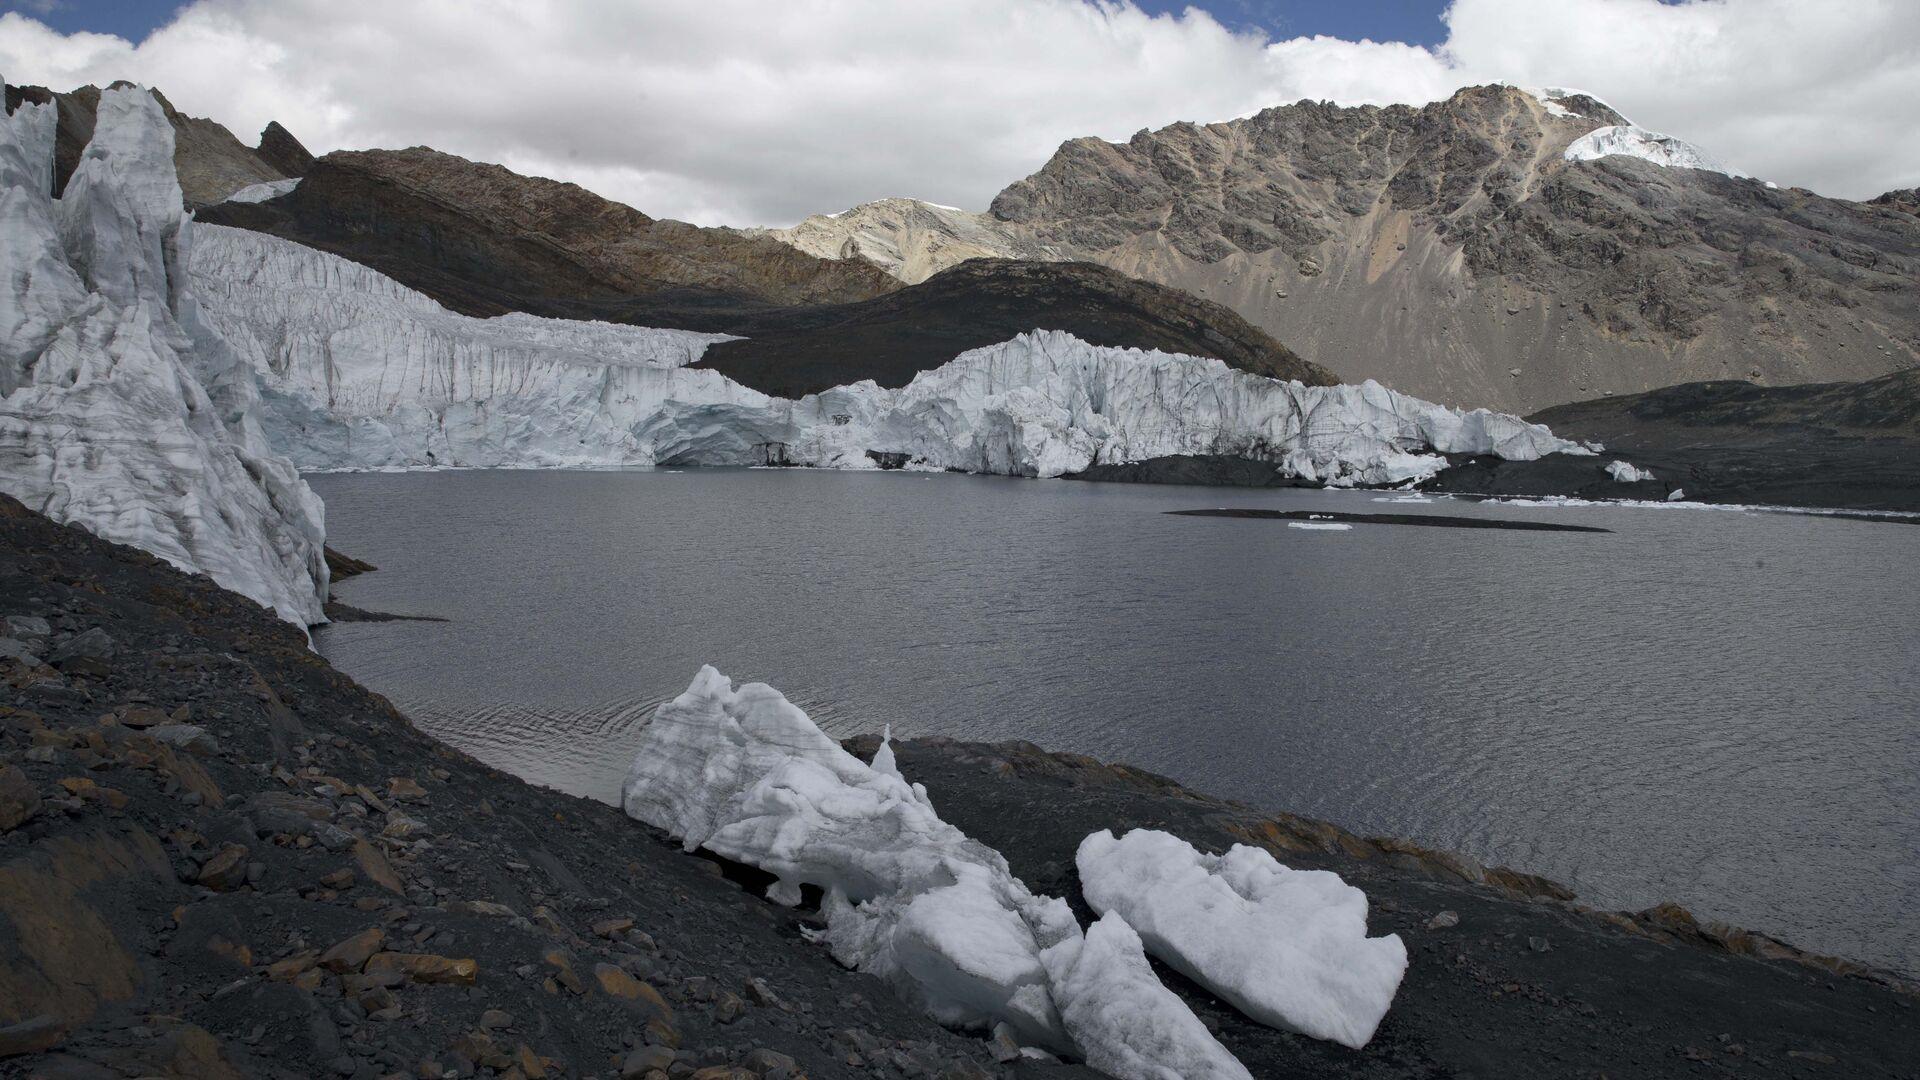 Исчезающий ледник Пасторури в национальном парке Уаскаран в Перу  - РИА Новости, 1920, 02.11.2020